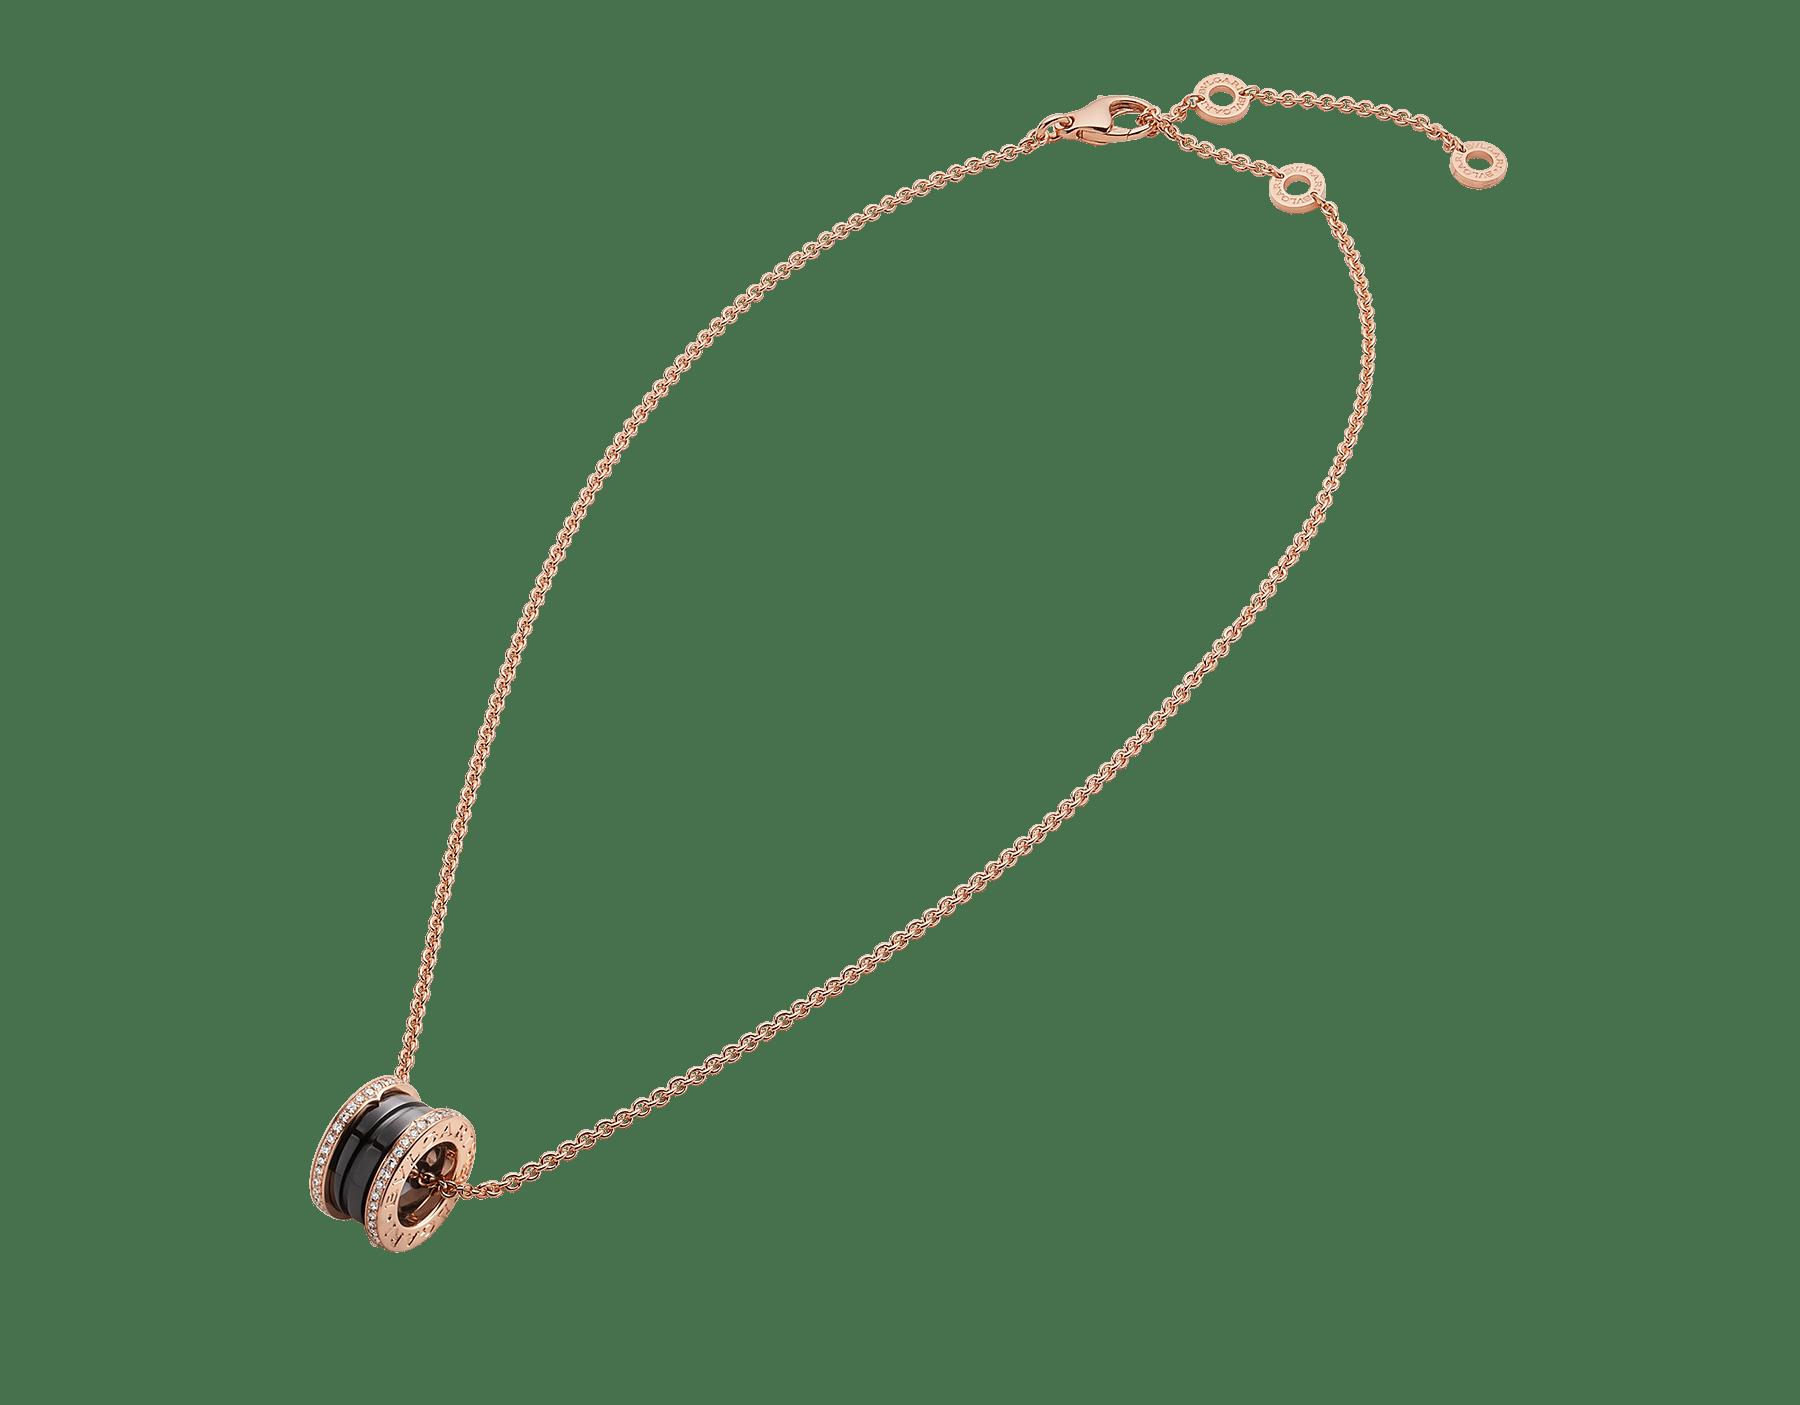 Con la emblemática espiral elaborada con cerámica negra y pavé de diamantes alrededor de una cadena en oro rosa, el collar B.zero1 fusiona su distintivo diseño con la elegancia contemporánea. 350056 image 2